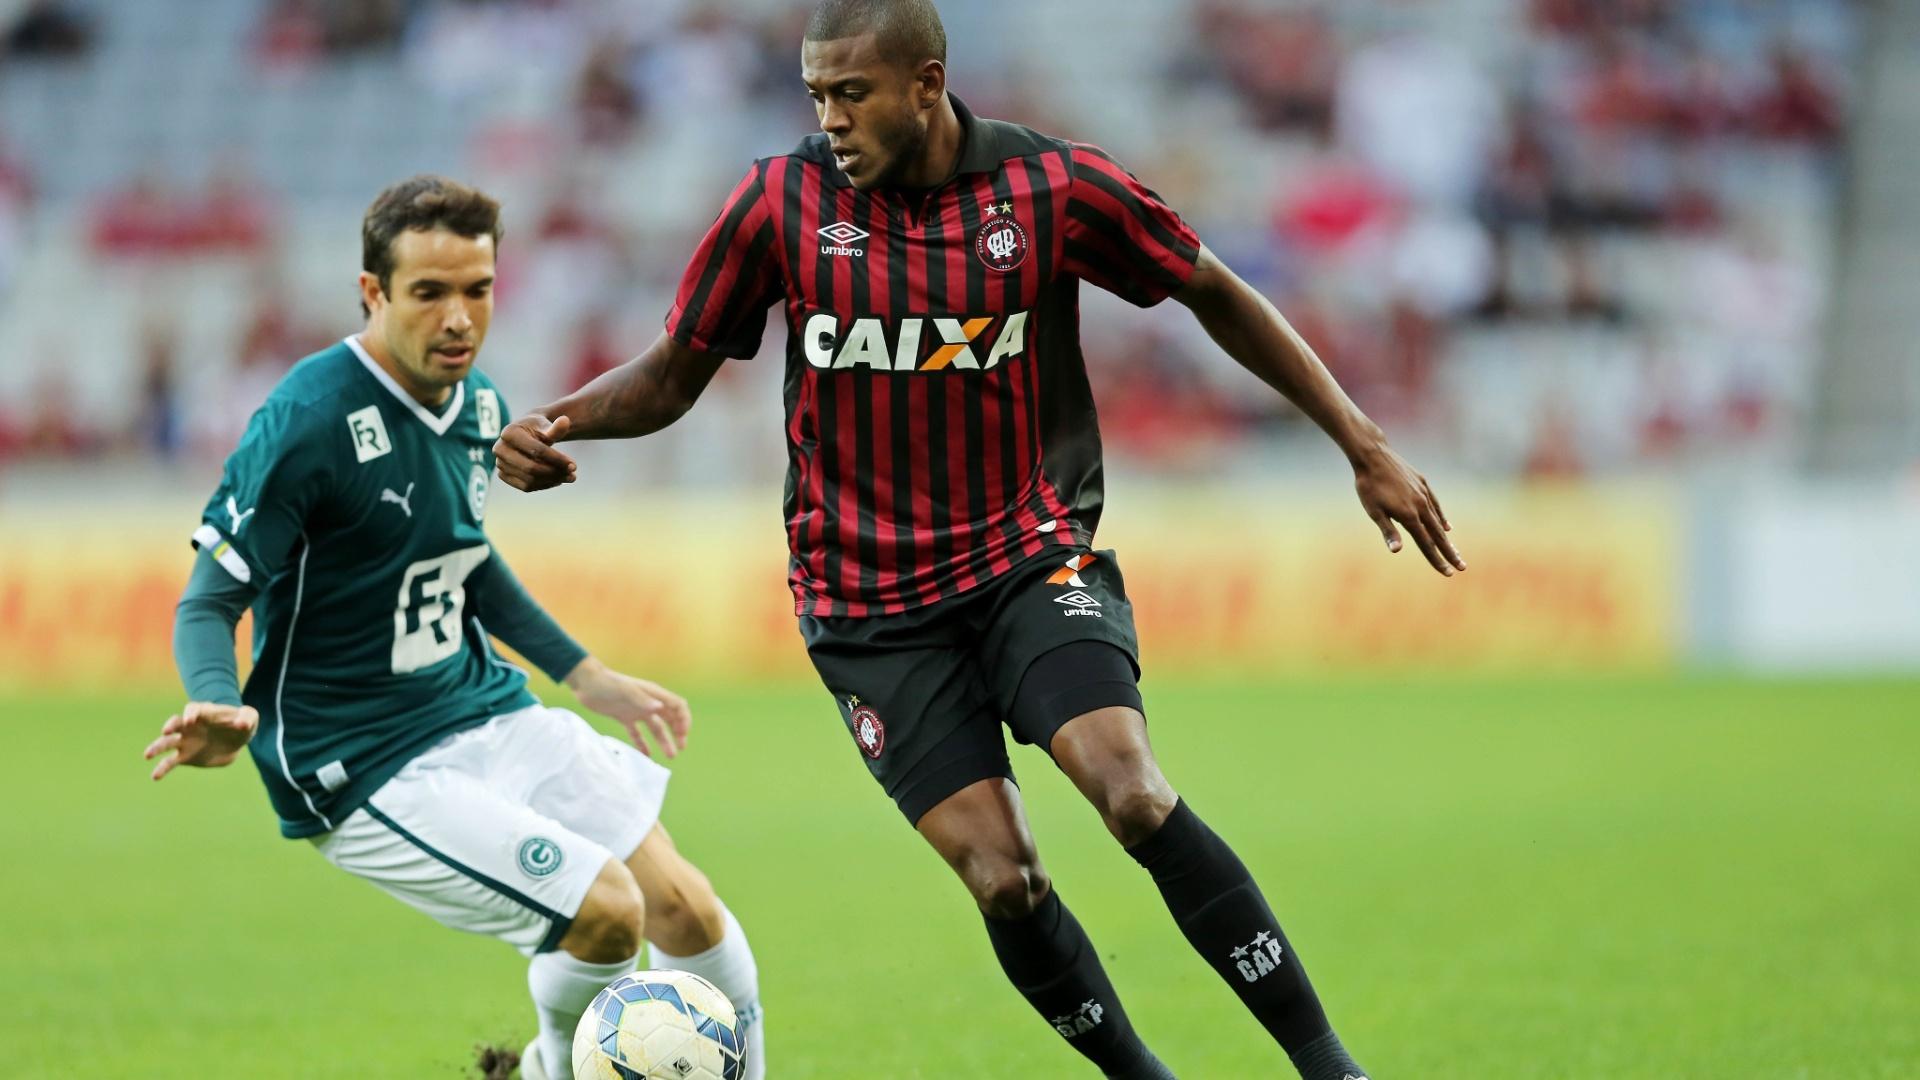 Marcelo tenta se livrar da marcação de David no duelo Atlético-PR x Goiás